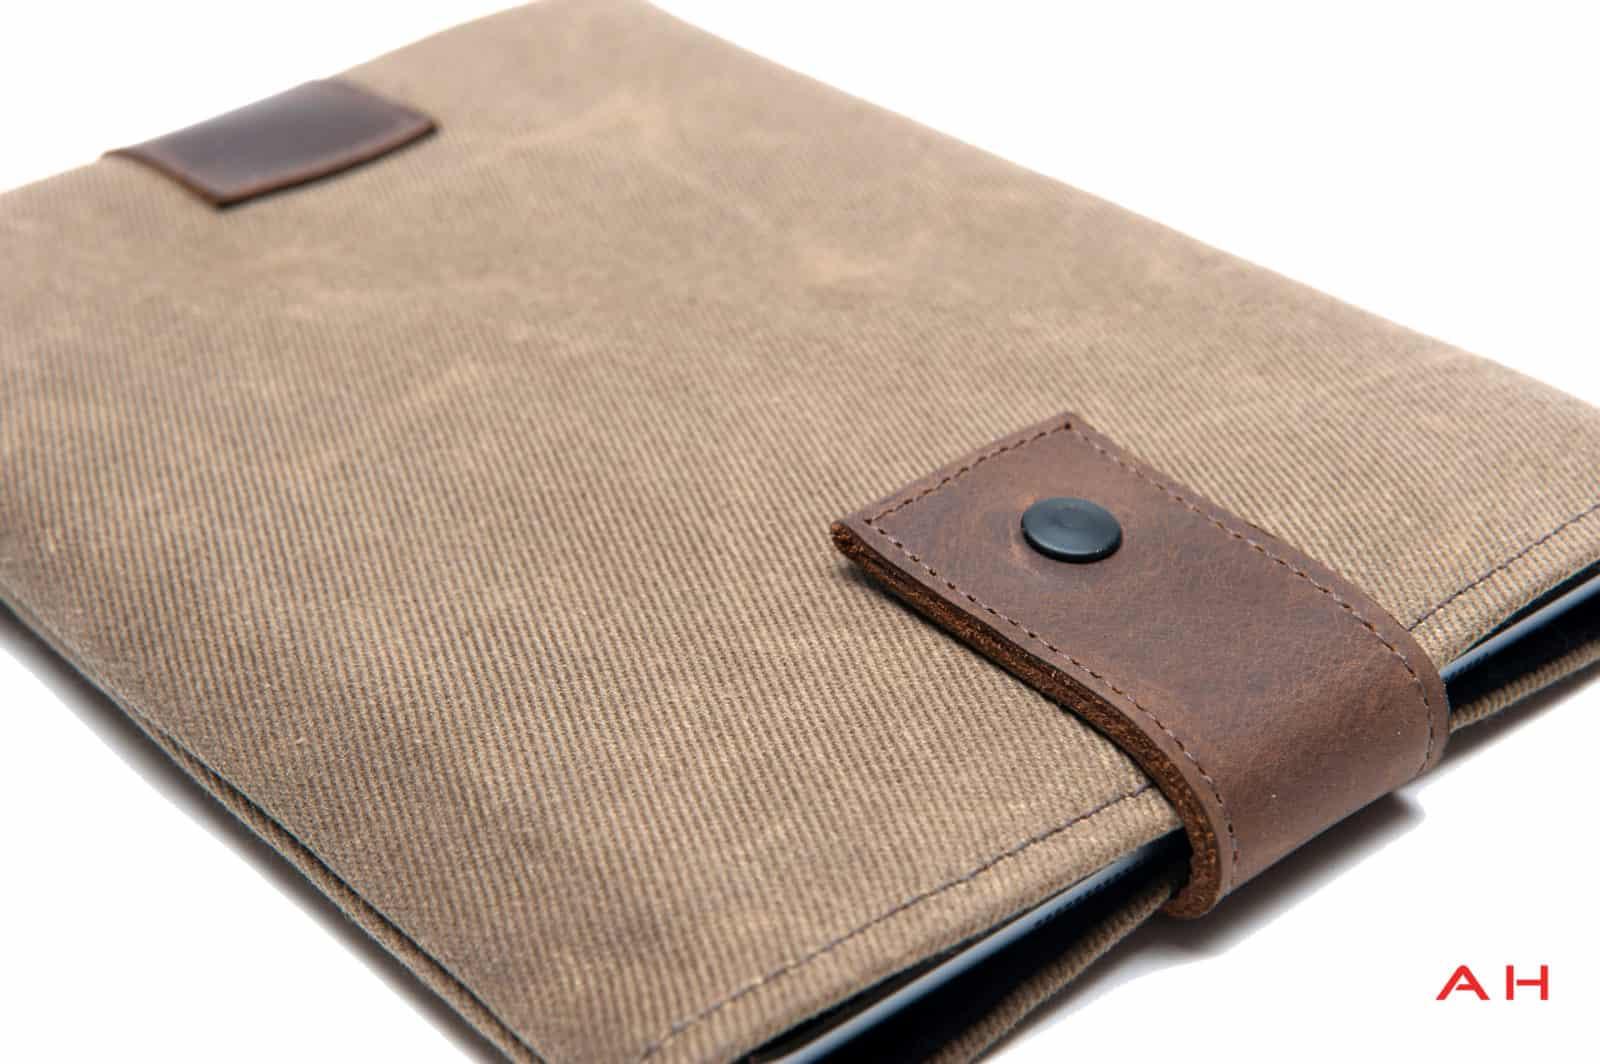 Outback Slip Case front